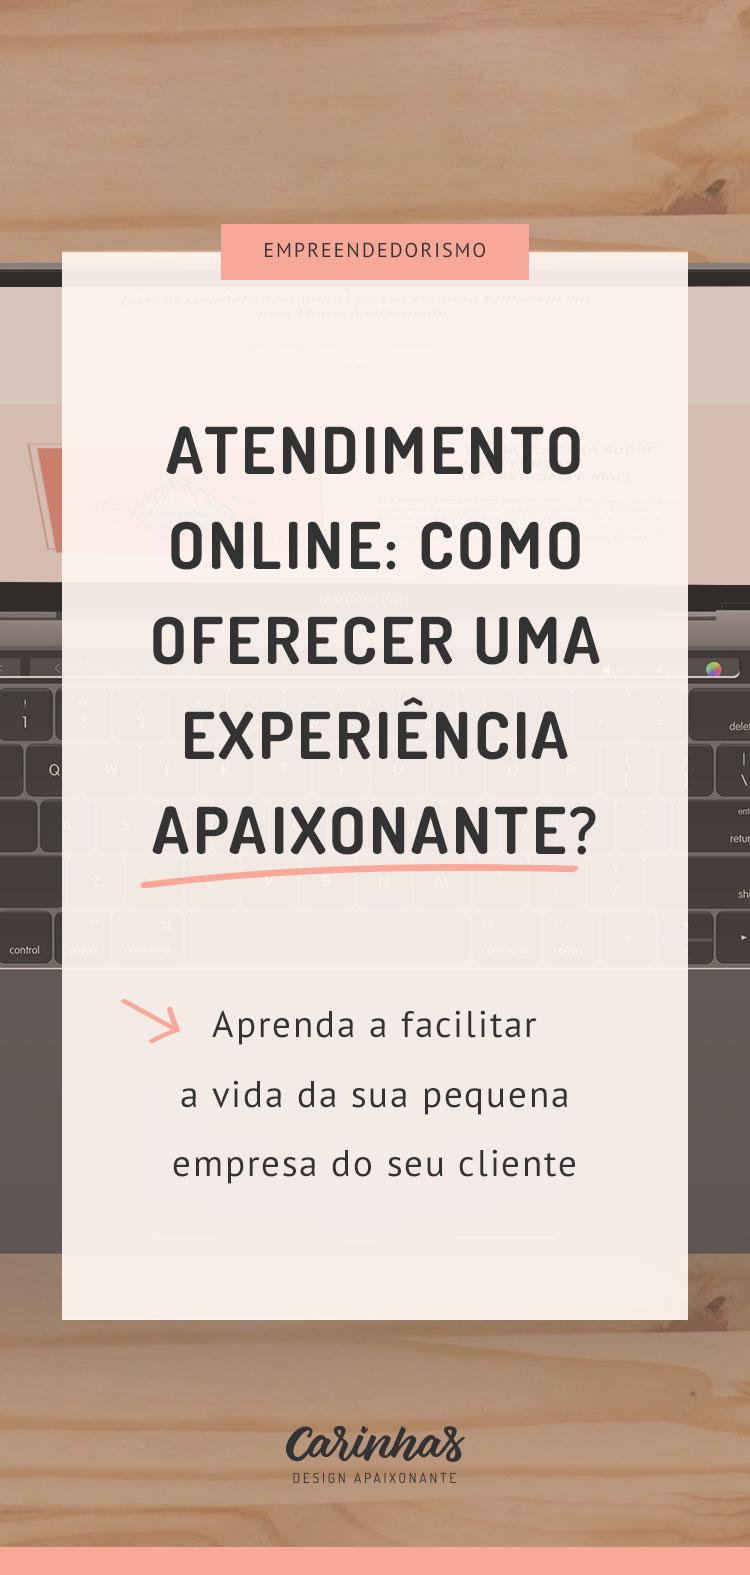 Atendimento Online: como oferecer uma experiência Apaixonante